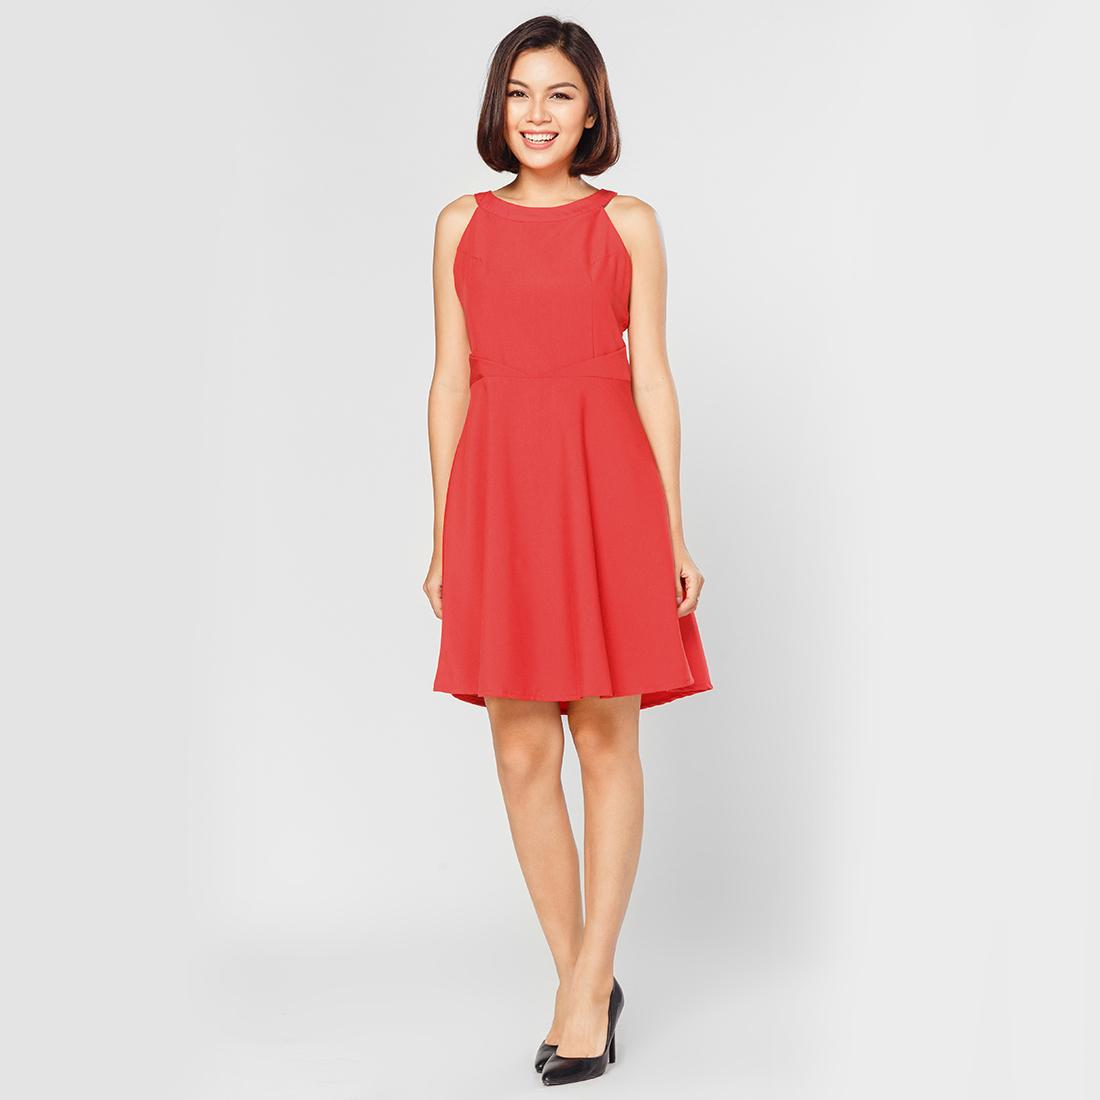 Đầm xòe thời trang Eden cổ yếm (đỏ)- D248D